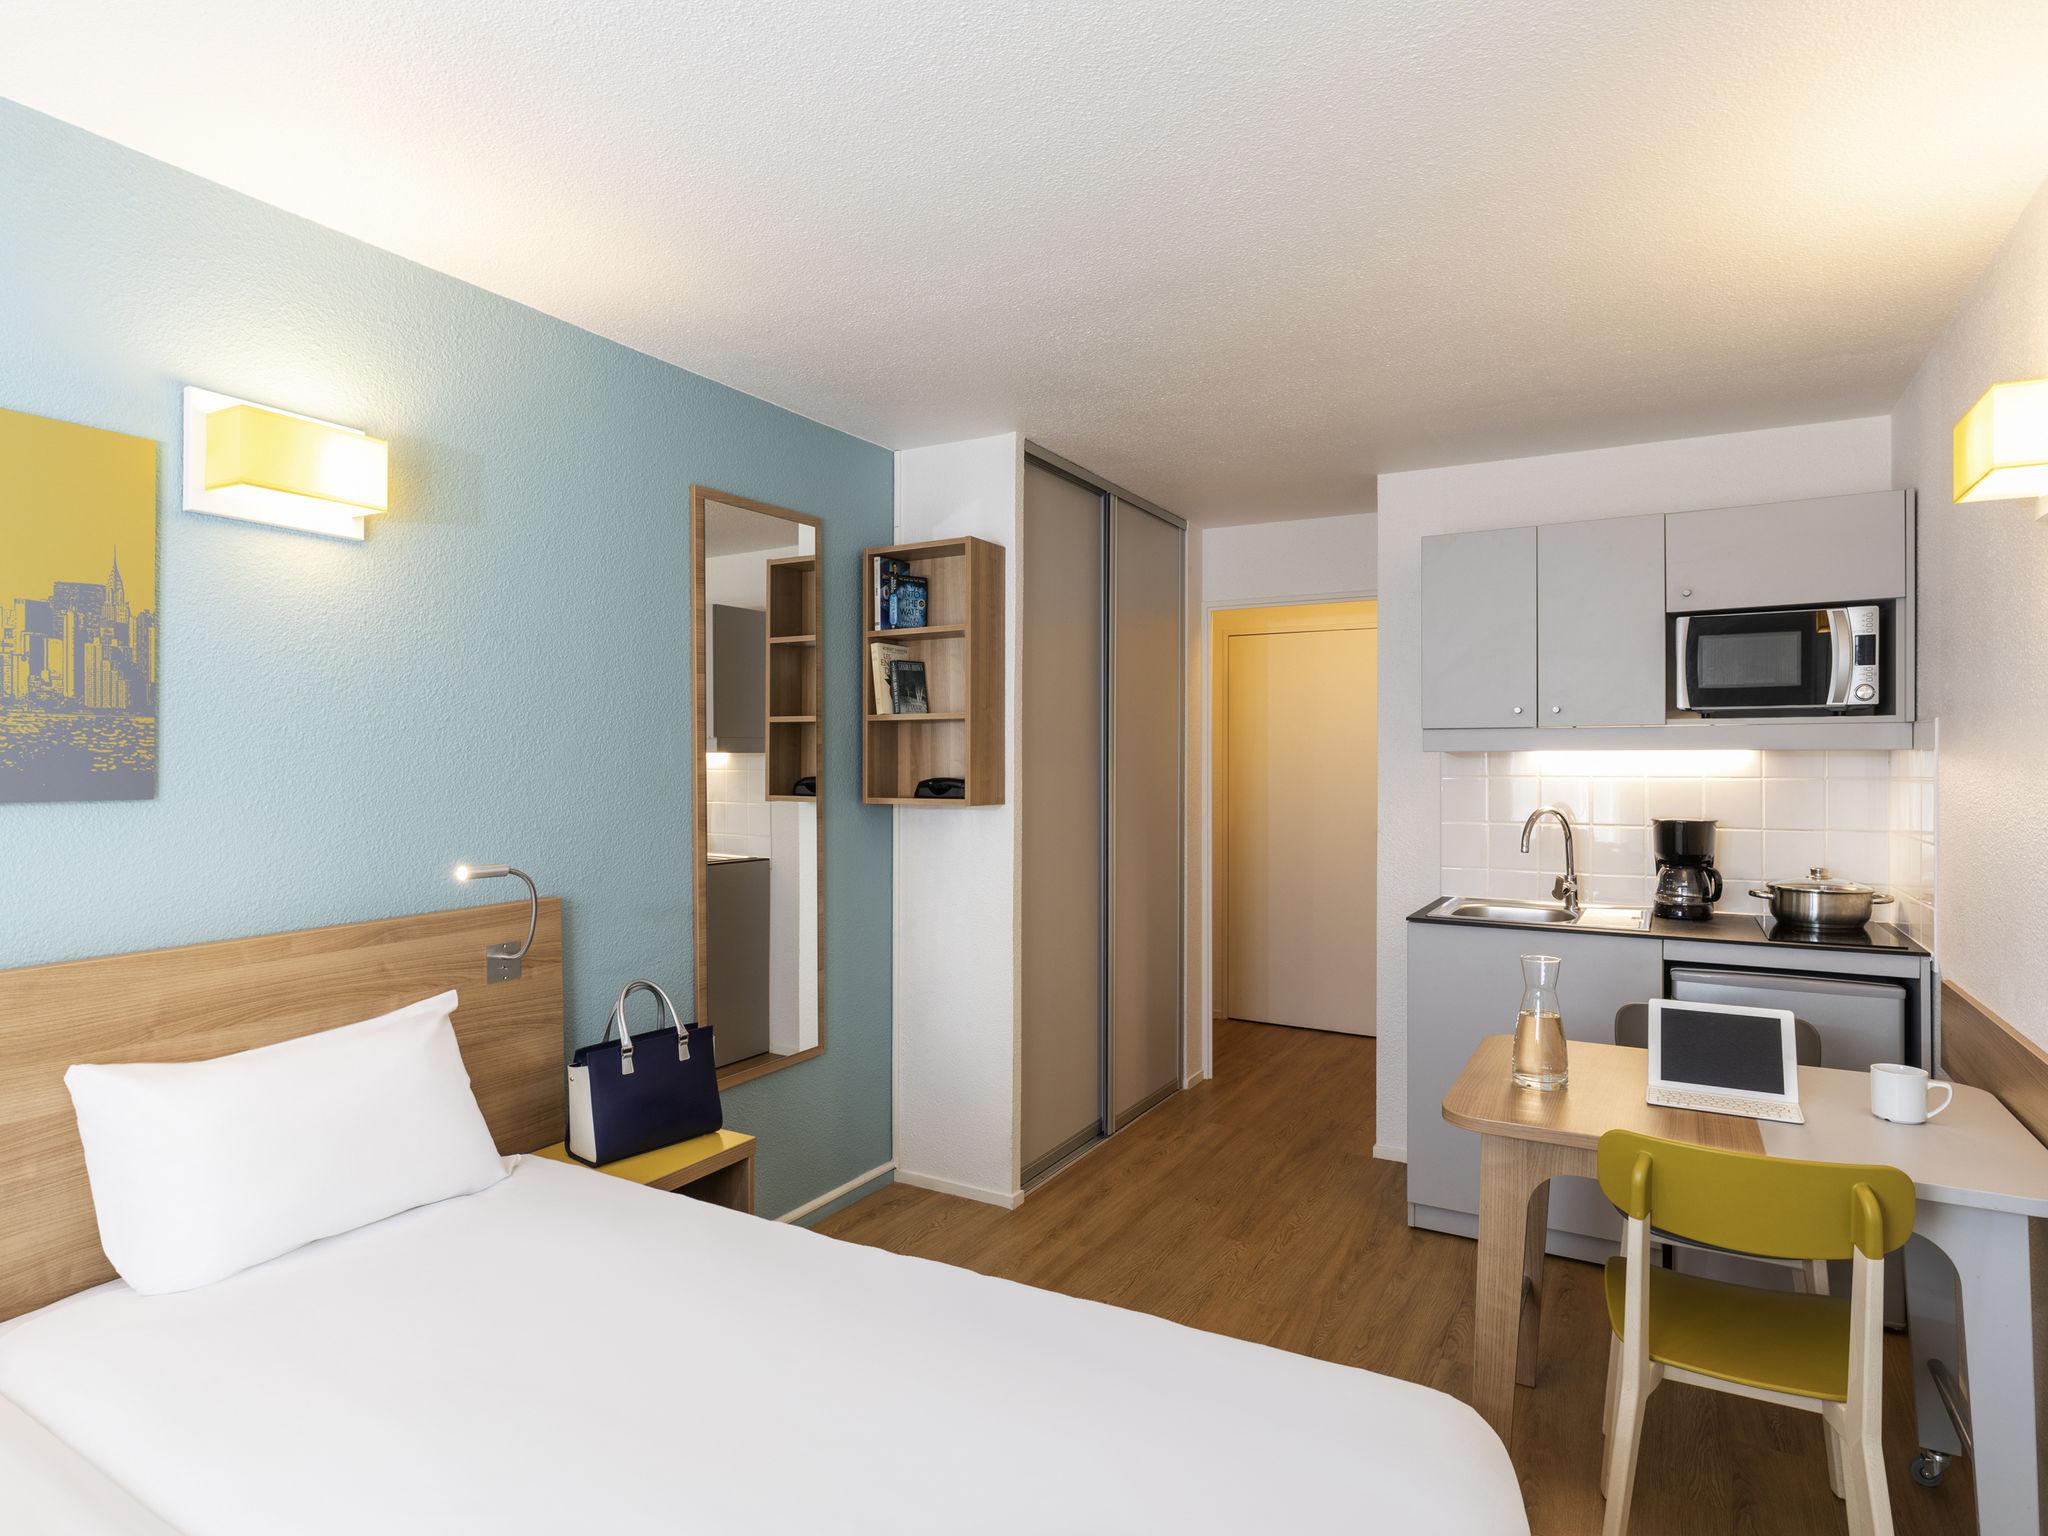 ホテル – アパートホテル アダジオ アクセス ラ デファンス プラス シャラ